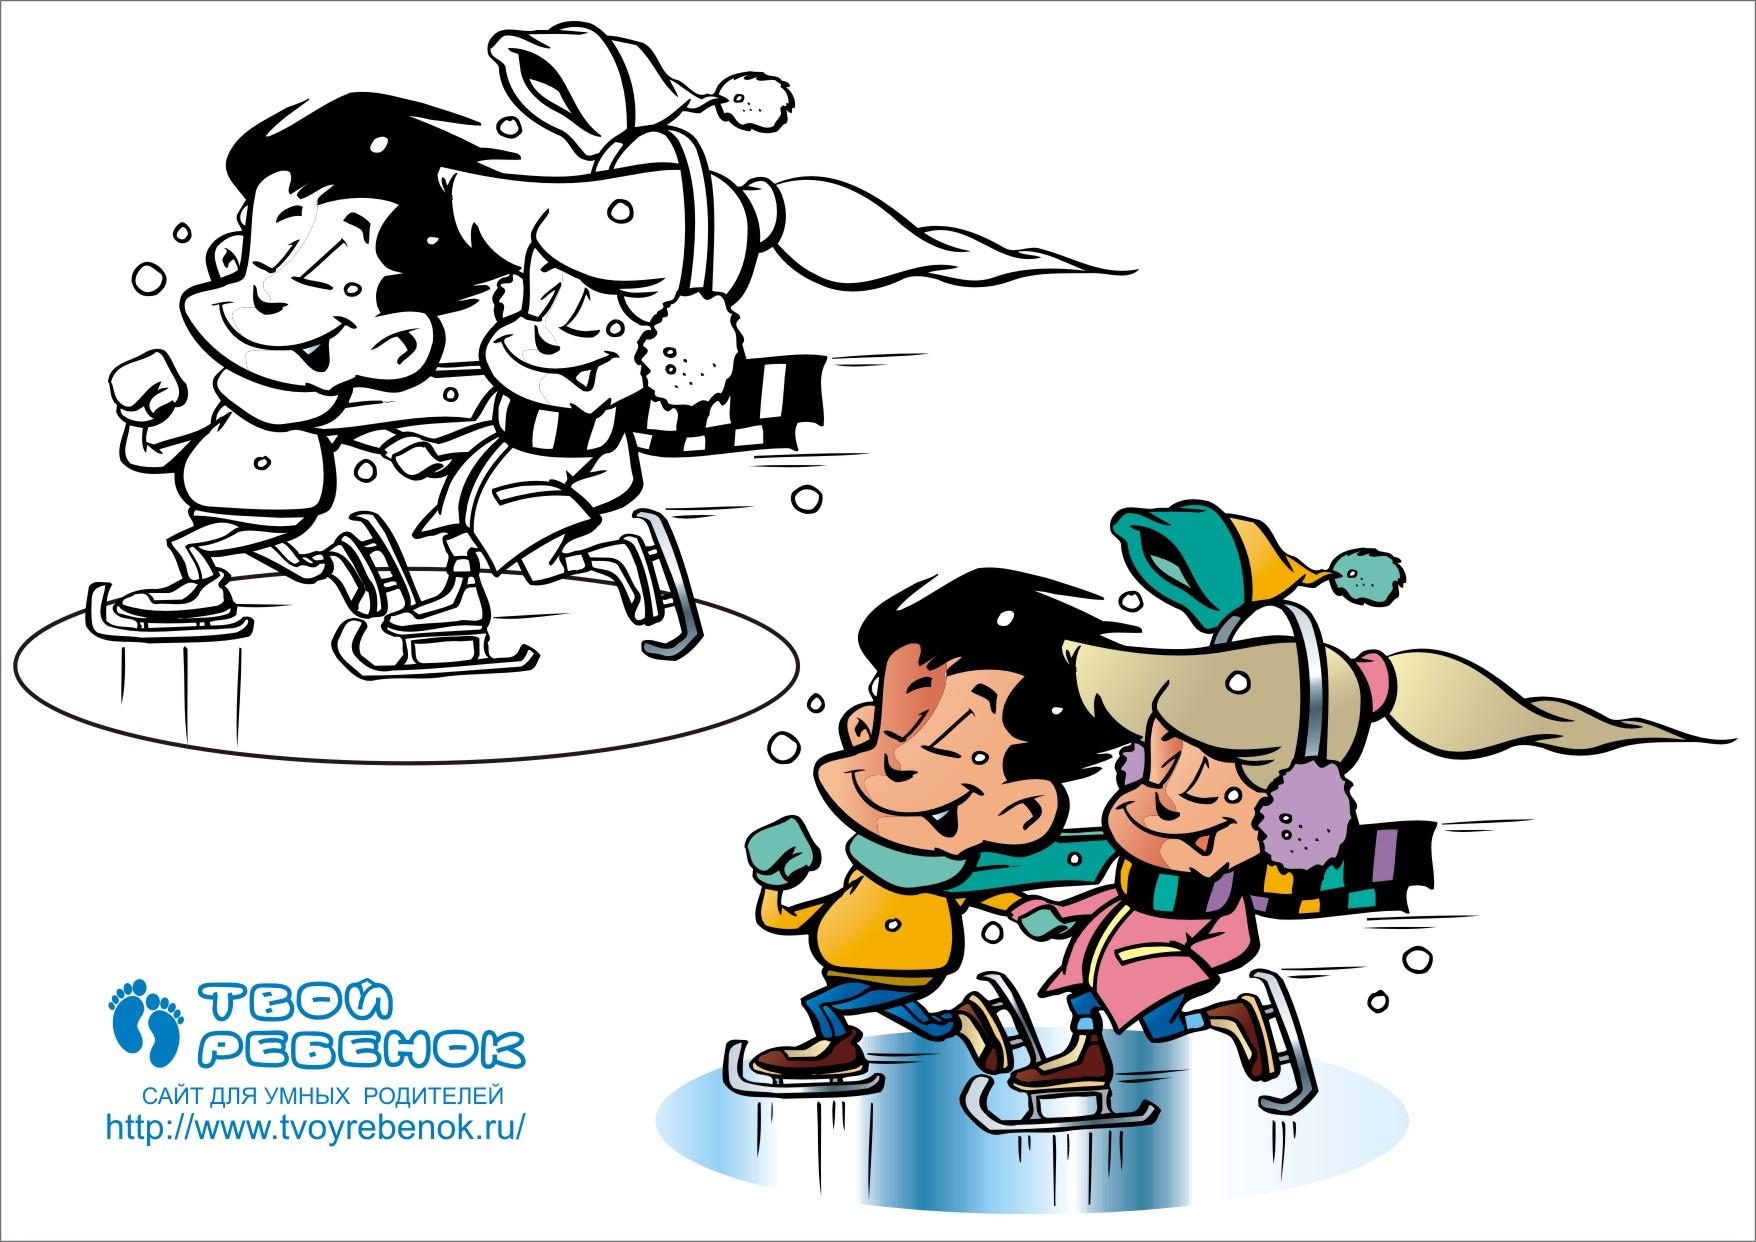 Рисунков к 23 февраля детские работы